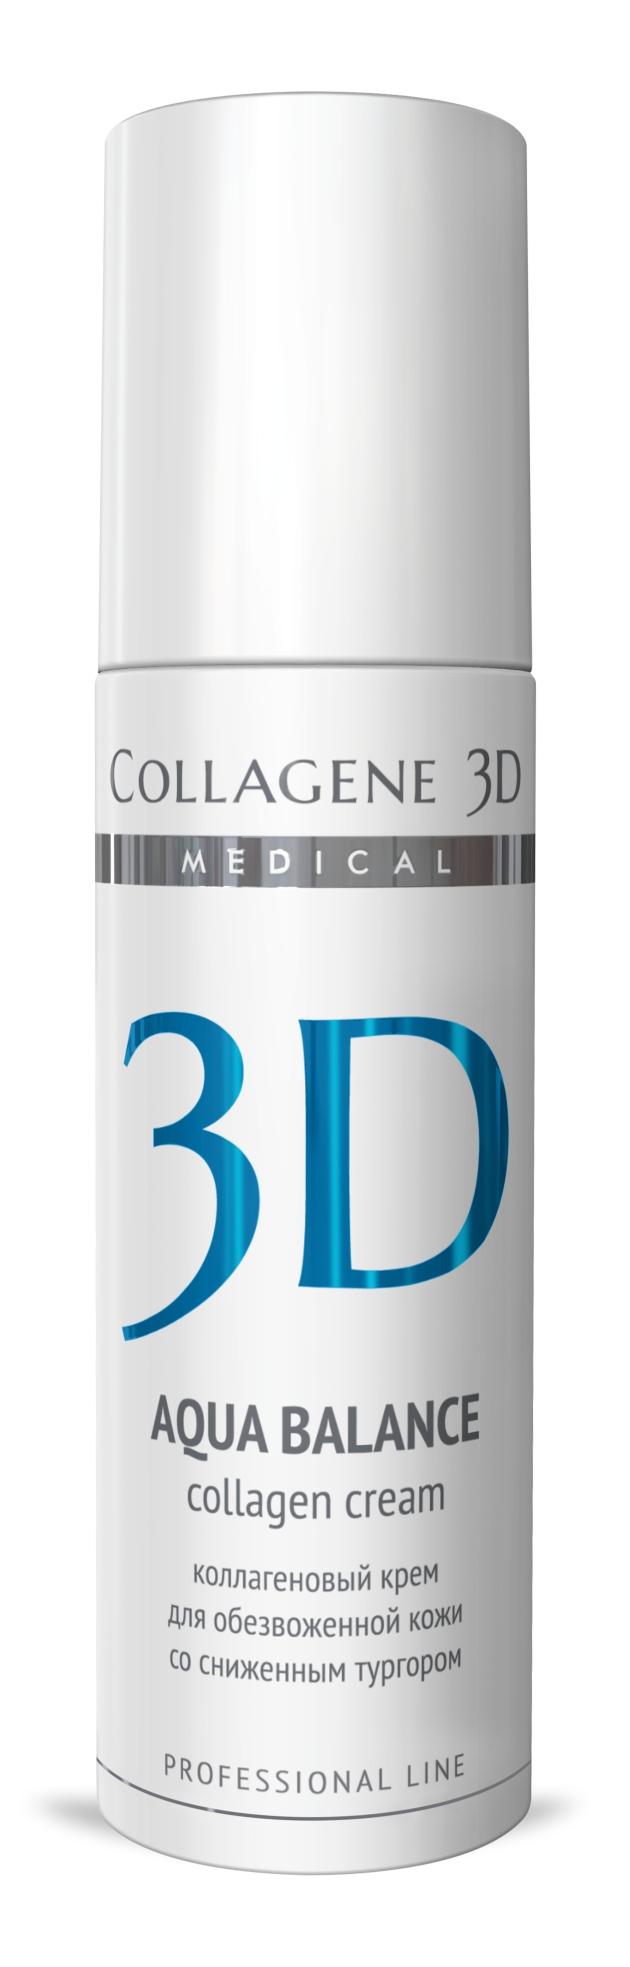 MEDICAL COLLAGENE 3D Крем с коллагеном и гиалуроновой кислотой для лица Aqua Balance 150мл проф.